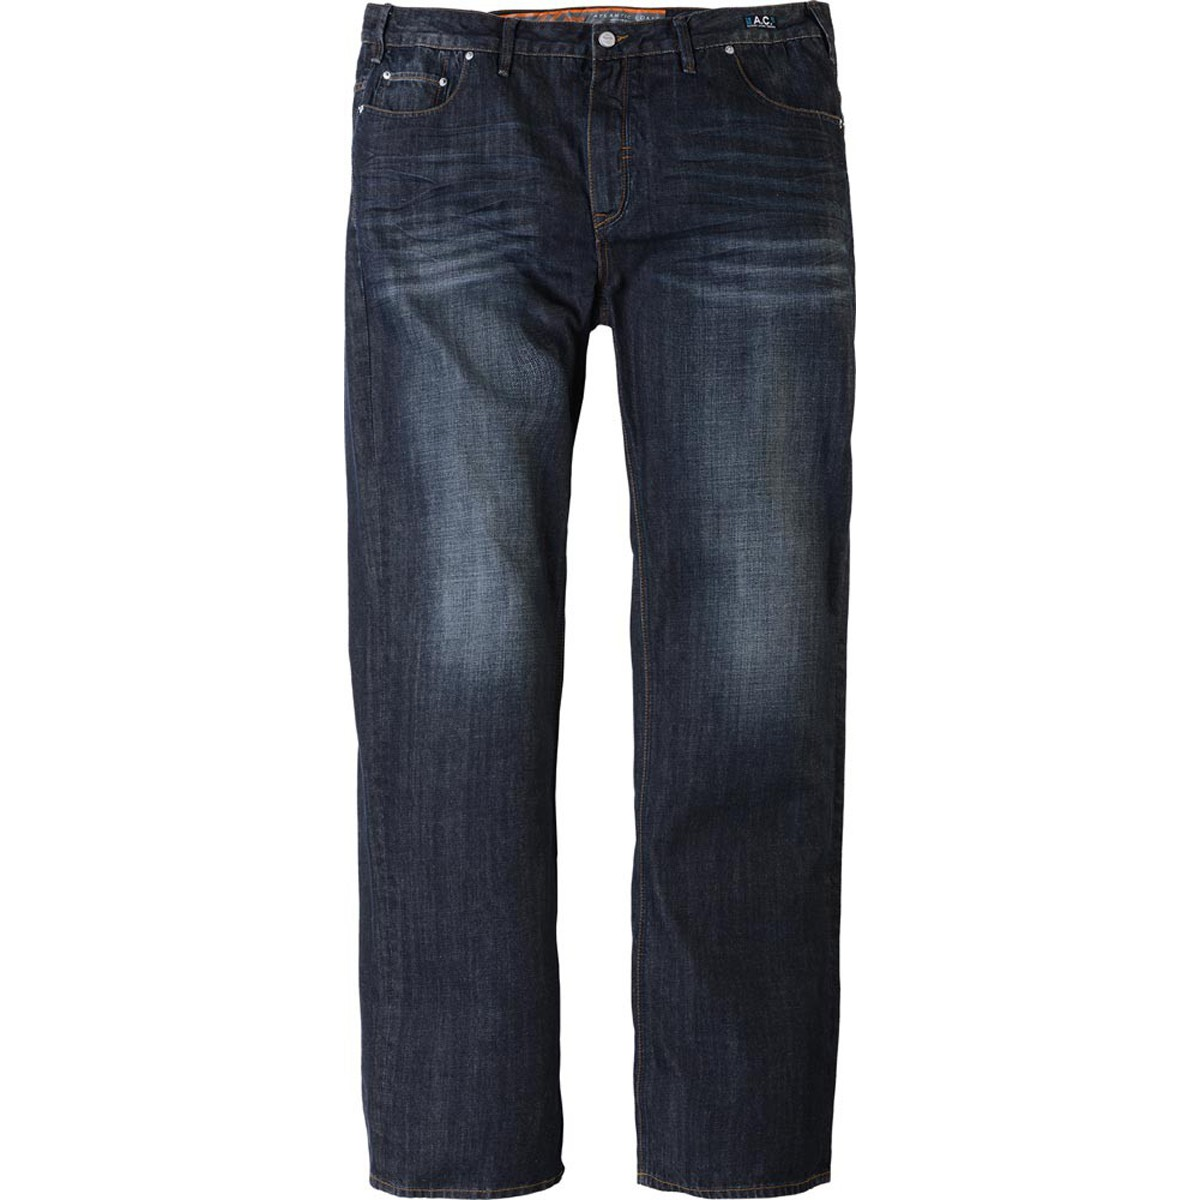 8c25ef183fe3 Übergrößen Jeans blue black von North 56°4 by Allsize